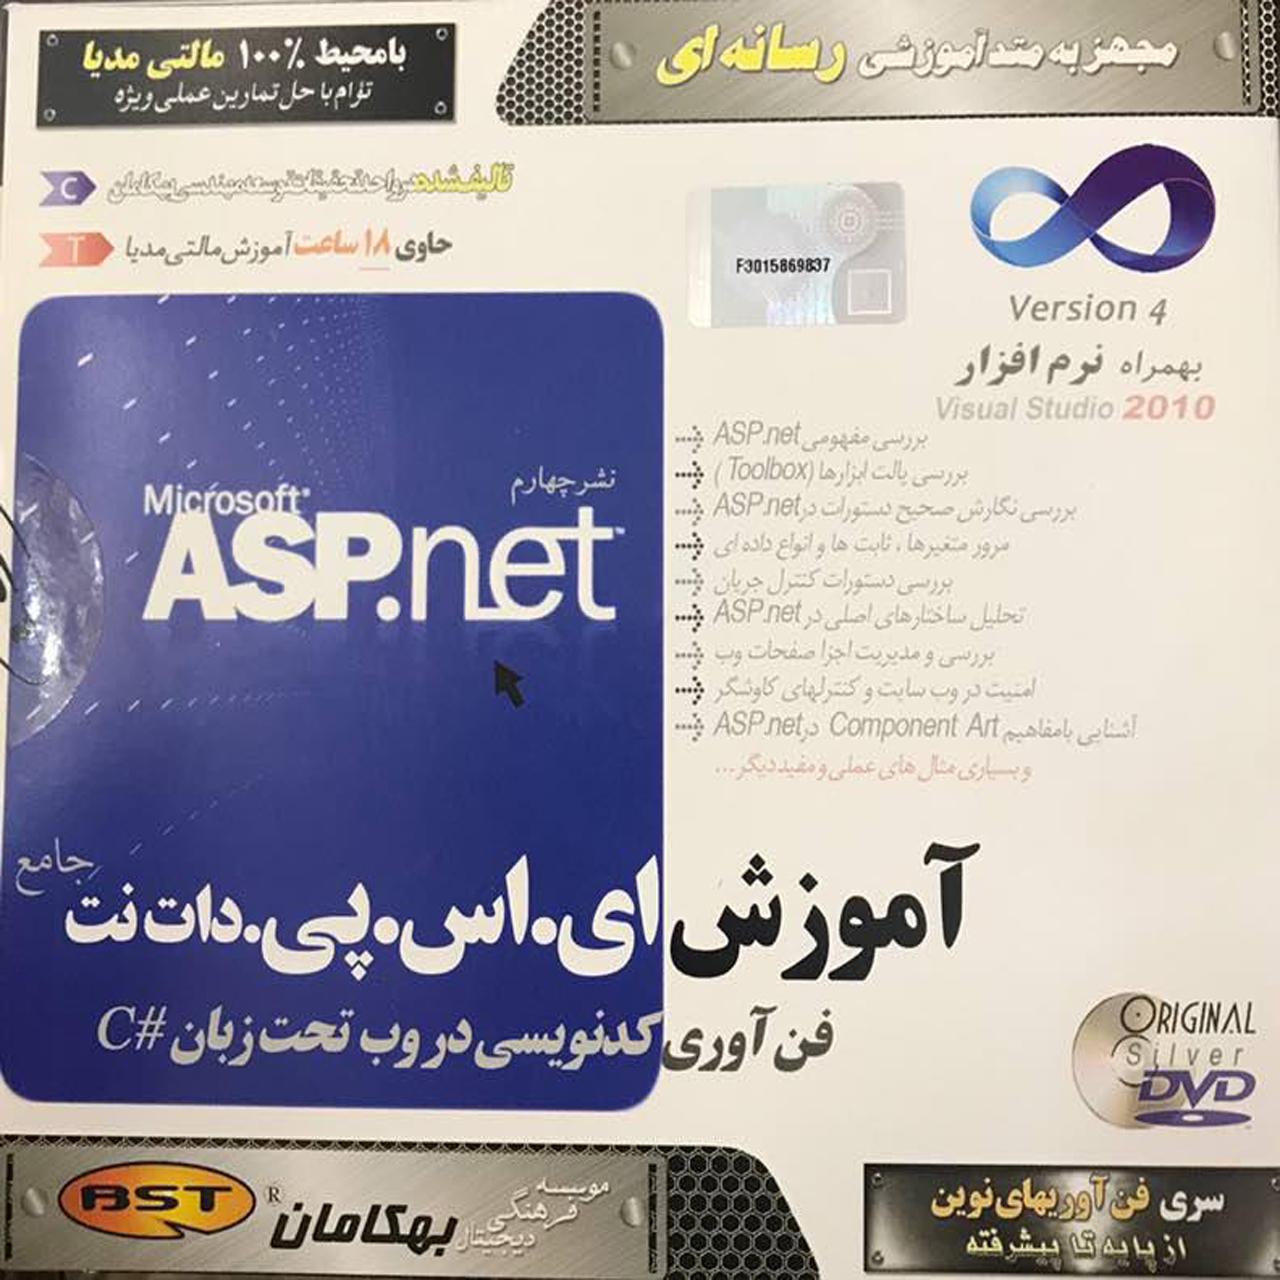 نرم افزار آموزش ASP.net تحت زبان #c نشر بهکامان